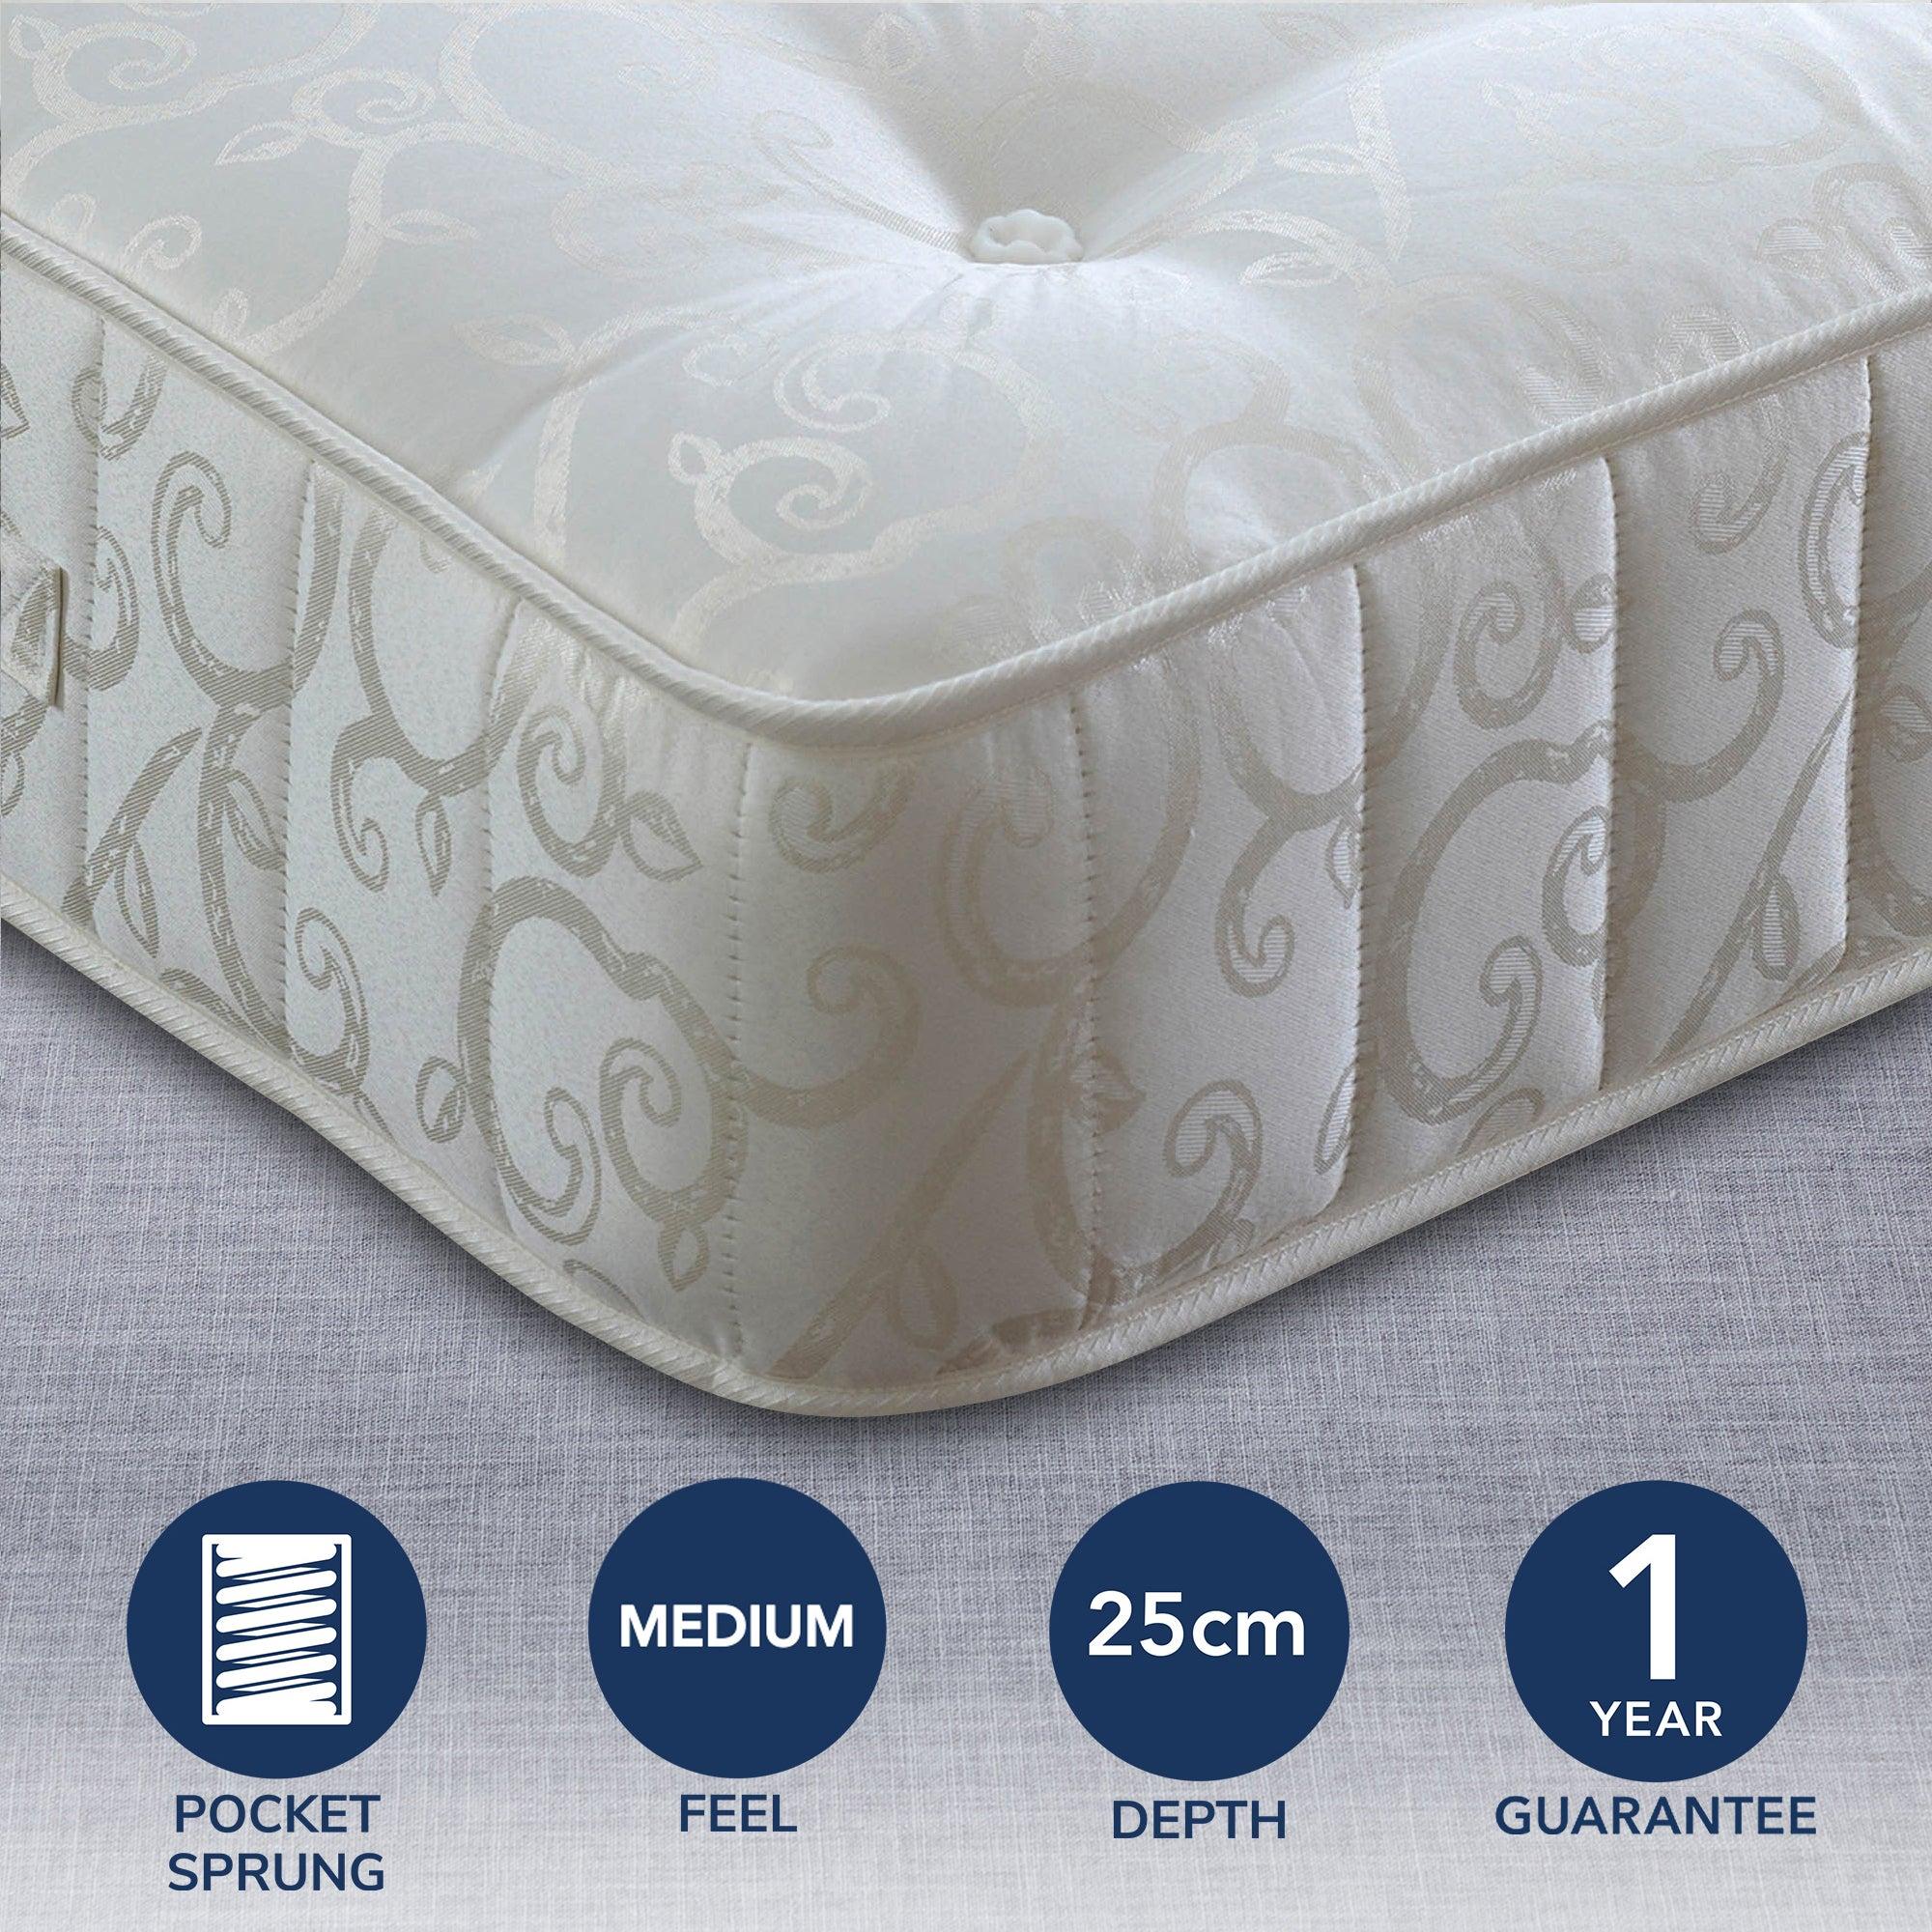 Image of 1000 Pocket Sprung Mattress White